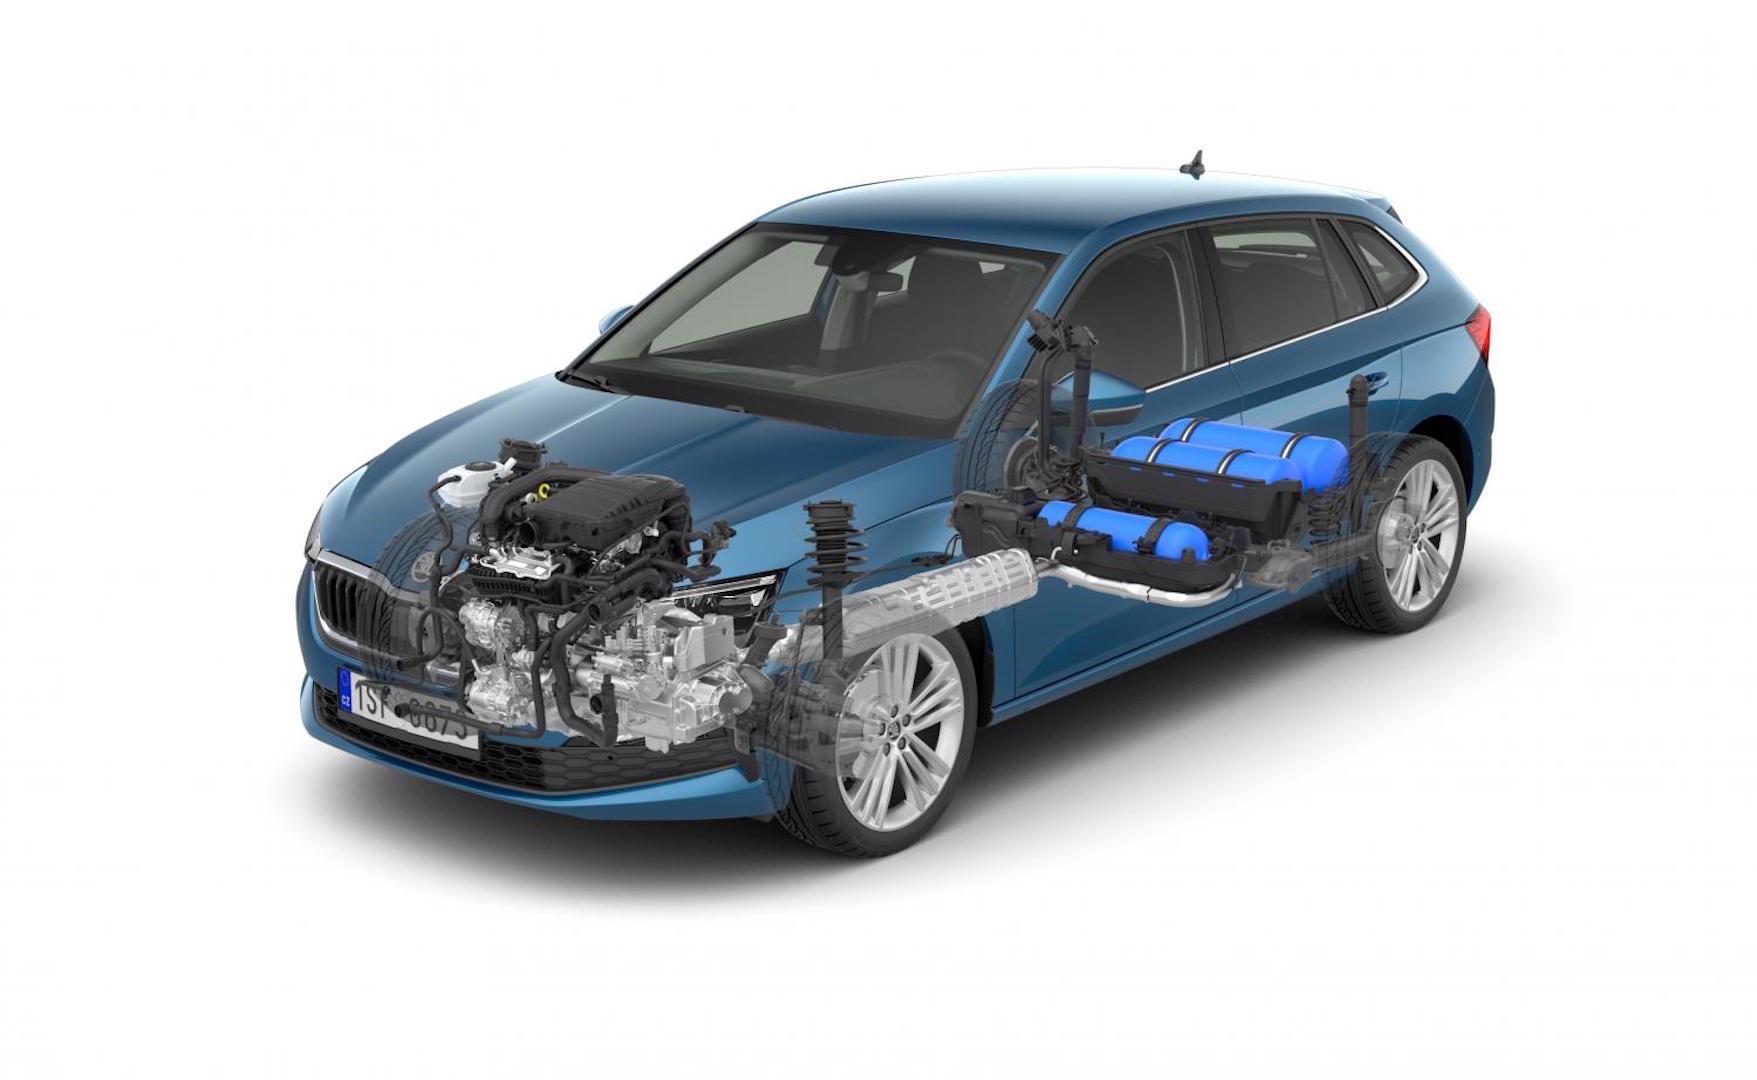 Der Škoda Scala 1,0 G-TEC Dreizylinder ist hauptsächlich auf den Betrieb mit Erdgas (CNG) ausgelegt. Der Motor fährt auch mit Benzin. Die neueste Version des CNG Triebwerkes verfügt über 66 kW (90 PS).